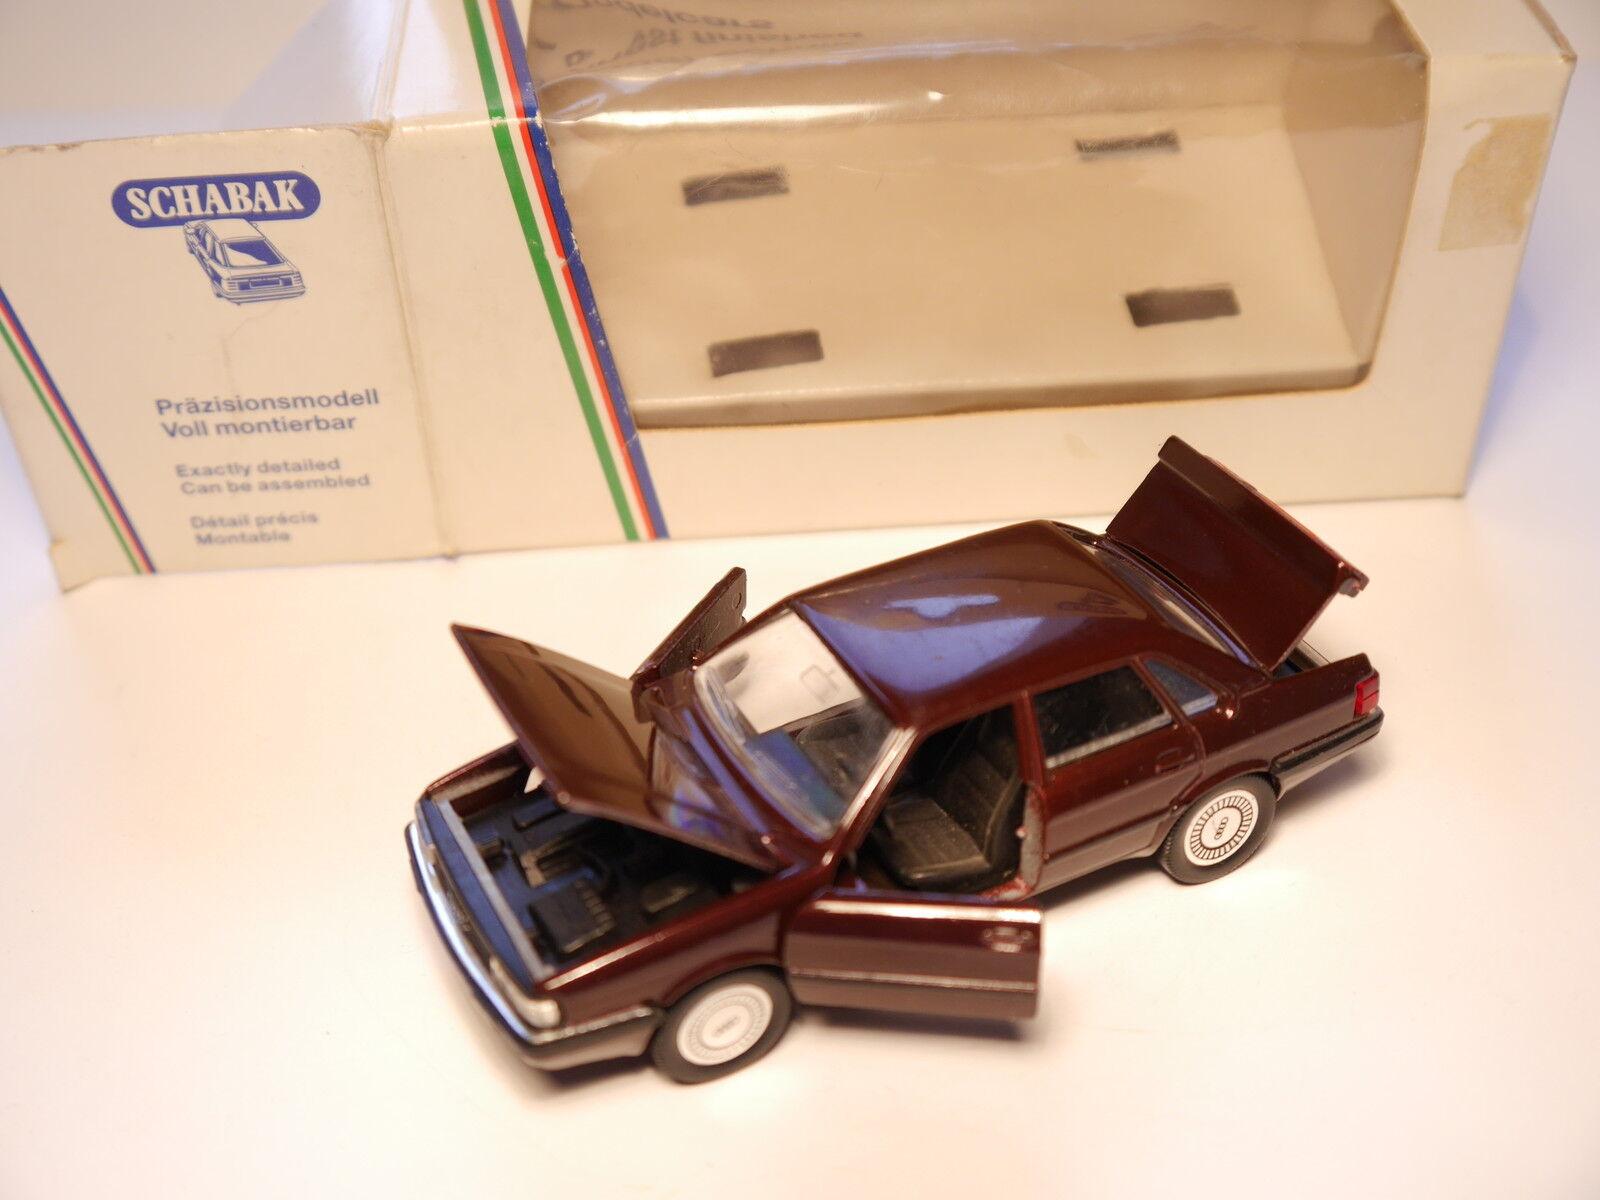 vendiendo bien en todo el mundo Audi 90 b2 81 85 Quattro en rojo-marrón rojo-marrón rojo-marrón rojo-marrón metalizado, Schabak en 1 43 Boxed   costo real